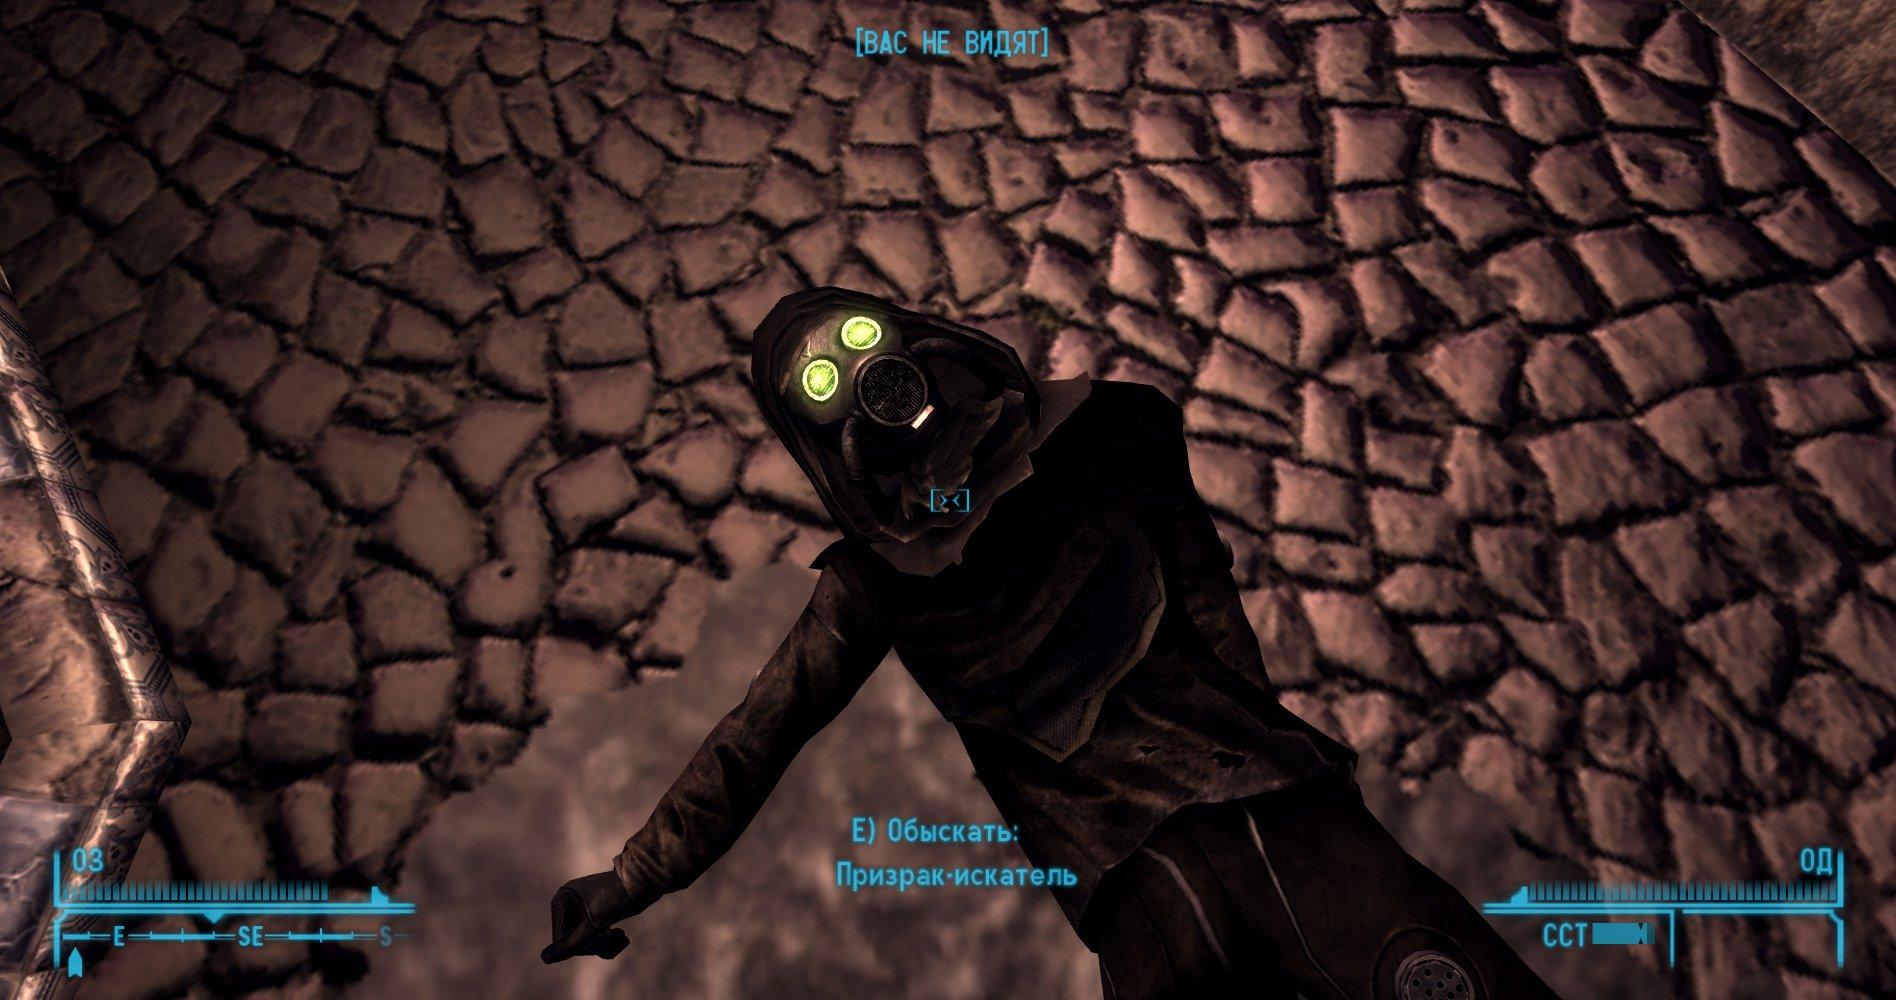 Сравнительный анализ (на самом деле нет) Fallout New Vegas vs. Fallout 4 (часть 2) - Изображение 17